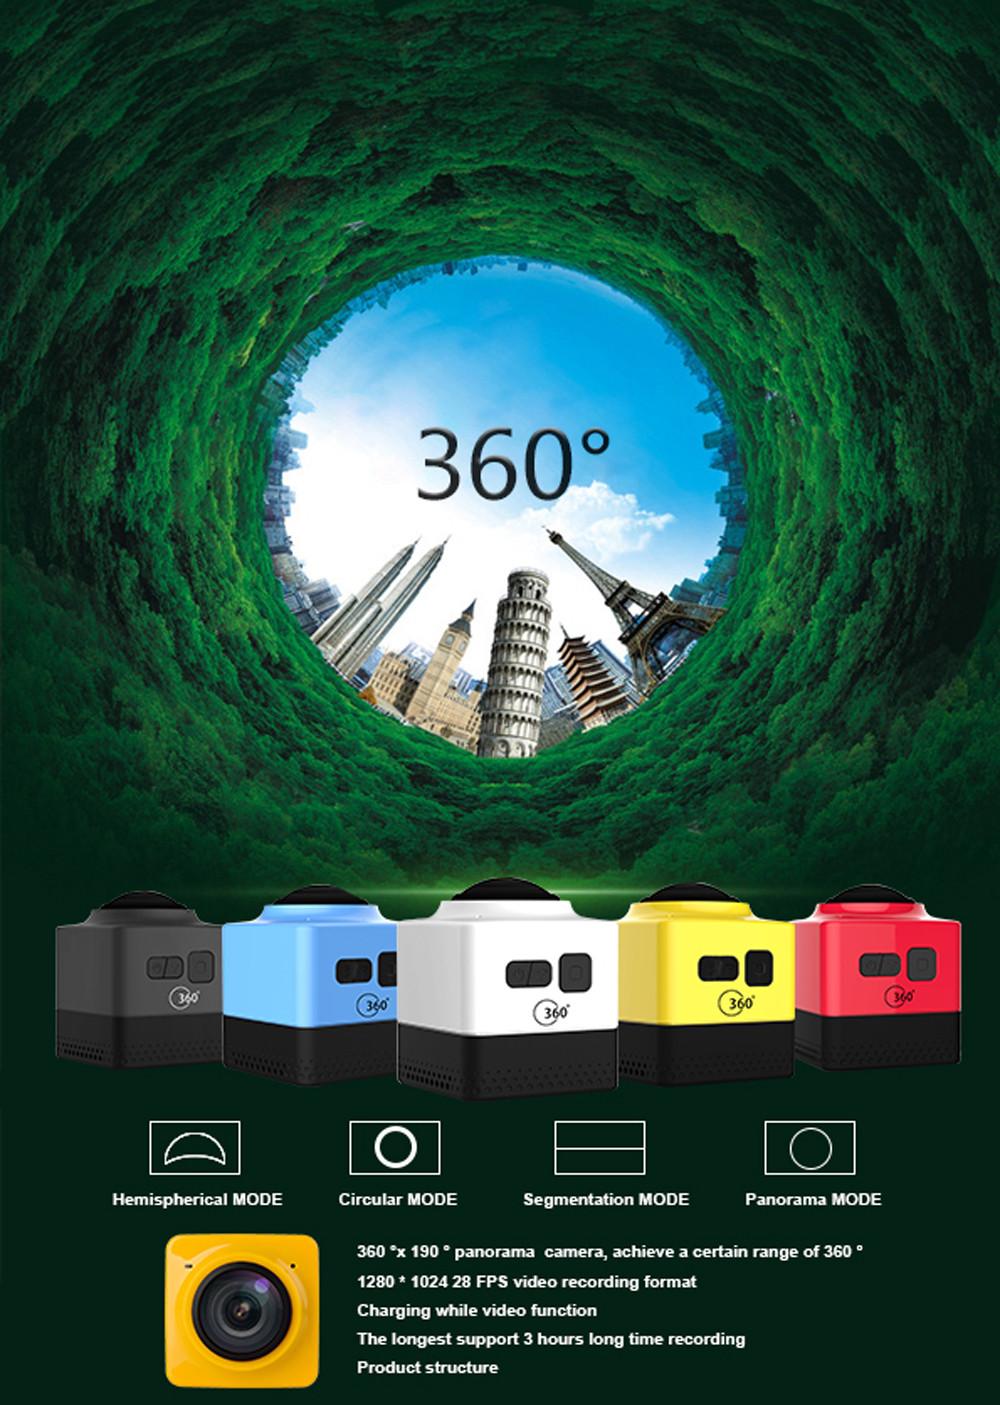 ถูก Soocoocube360ultrahdwifiกล้อง720pกระทำ360- องศาพาโนรามาvrdeportivaมินิกล้องวิดีโอกีฬากล้องกล้องหมวกกันน็อค